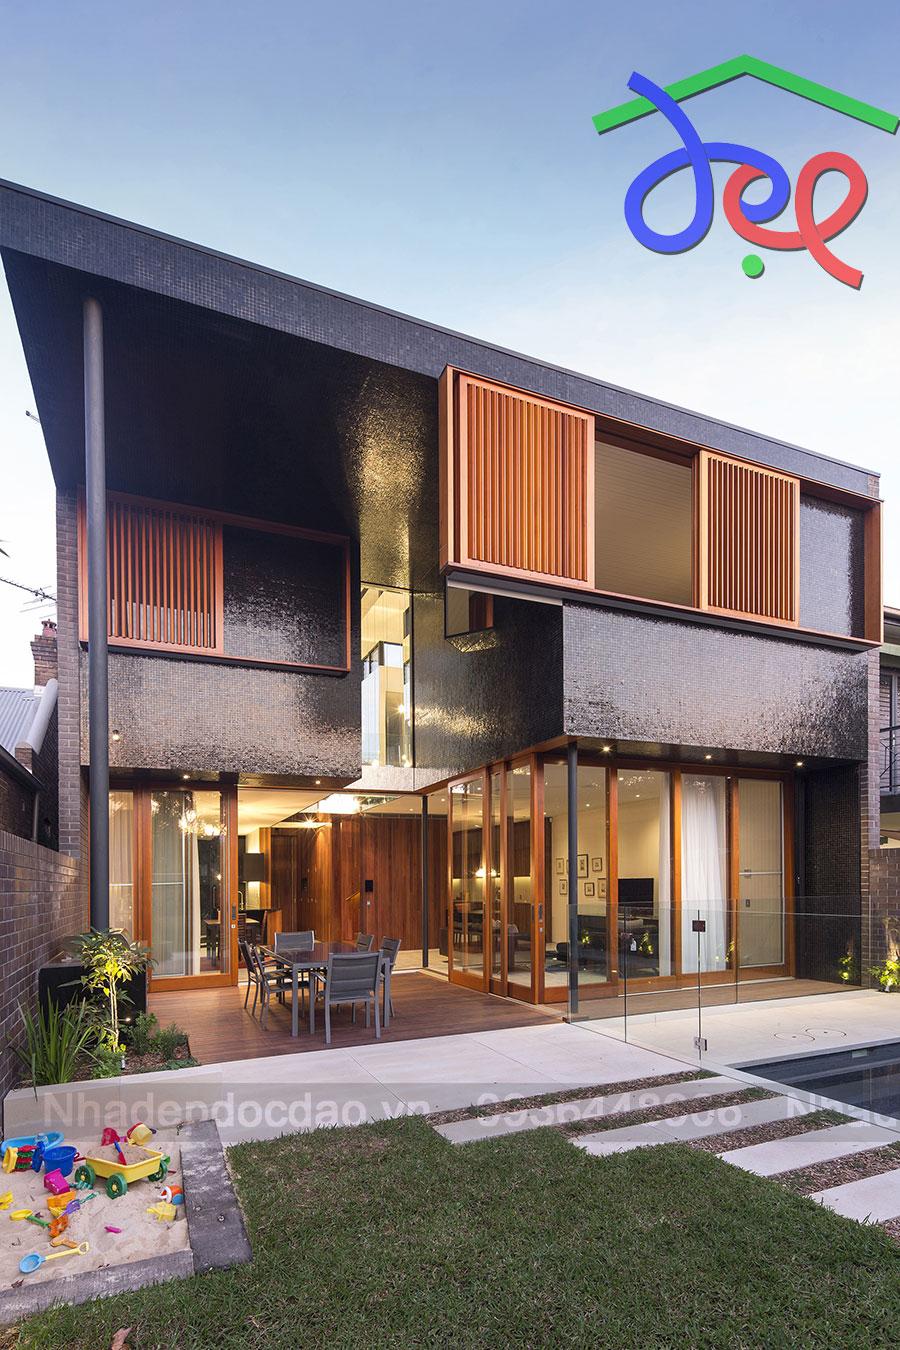 Thiết kế nhà phố 2 mặt tiền phong cách hiện đại ở Sydney, Úc